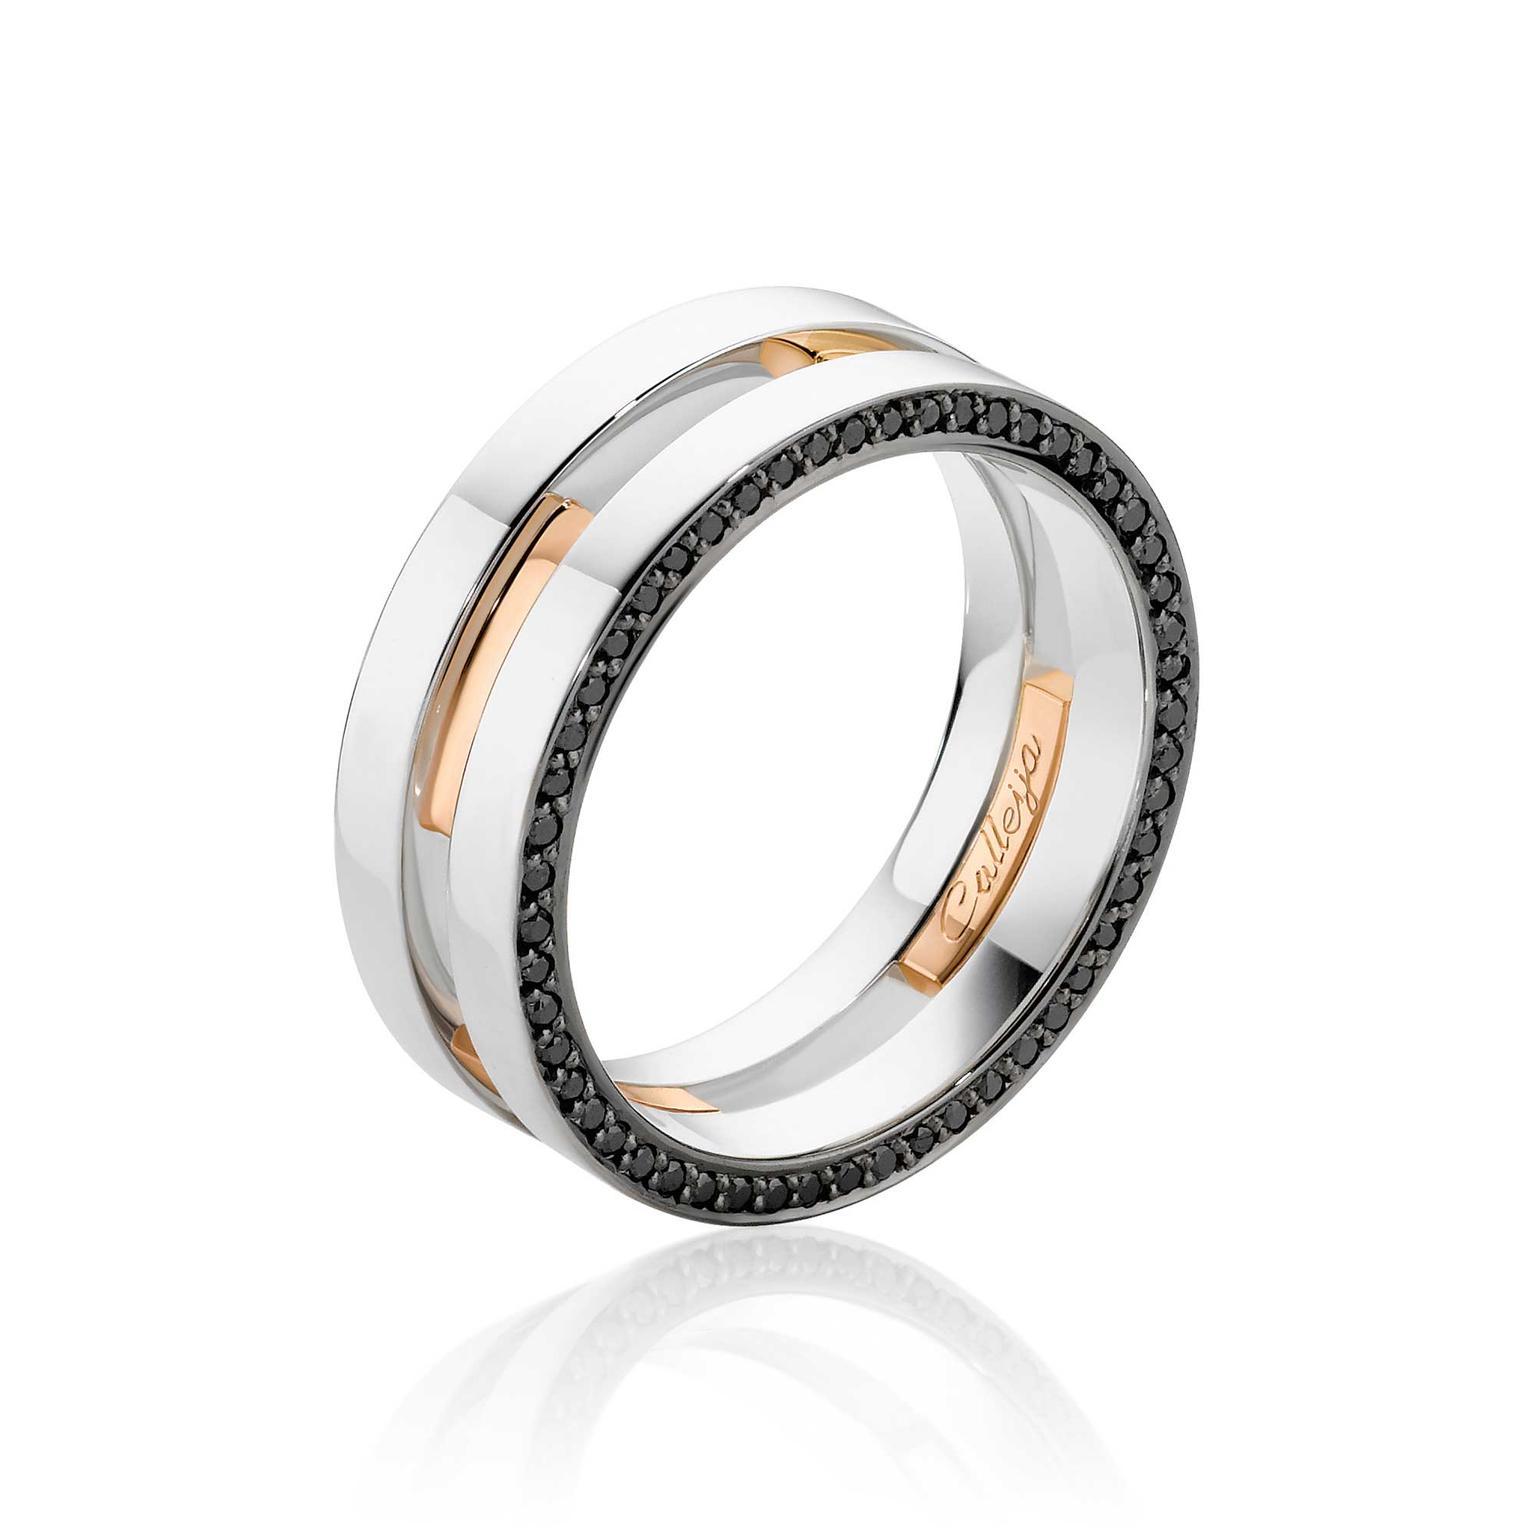 Luxury David Yurman Men's Wedding Rings